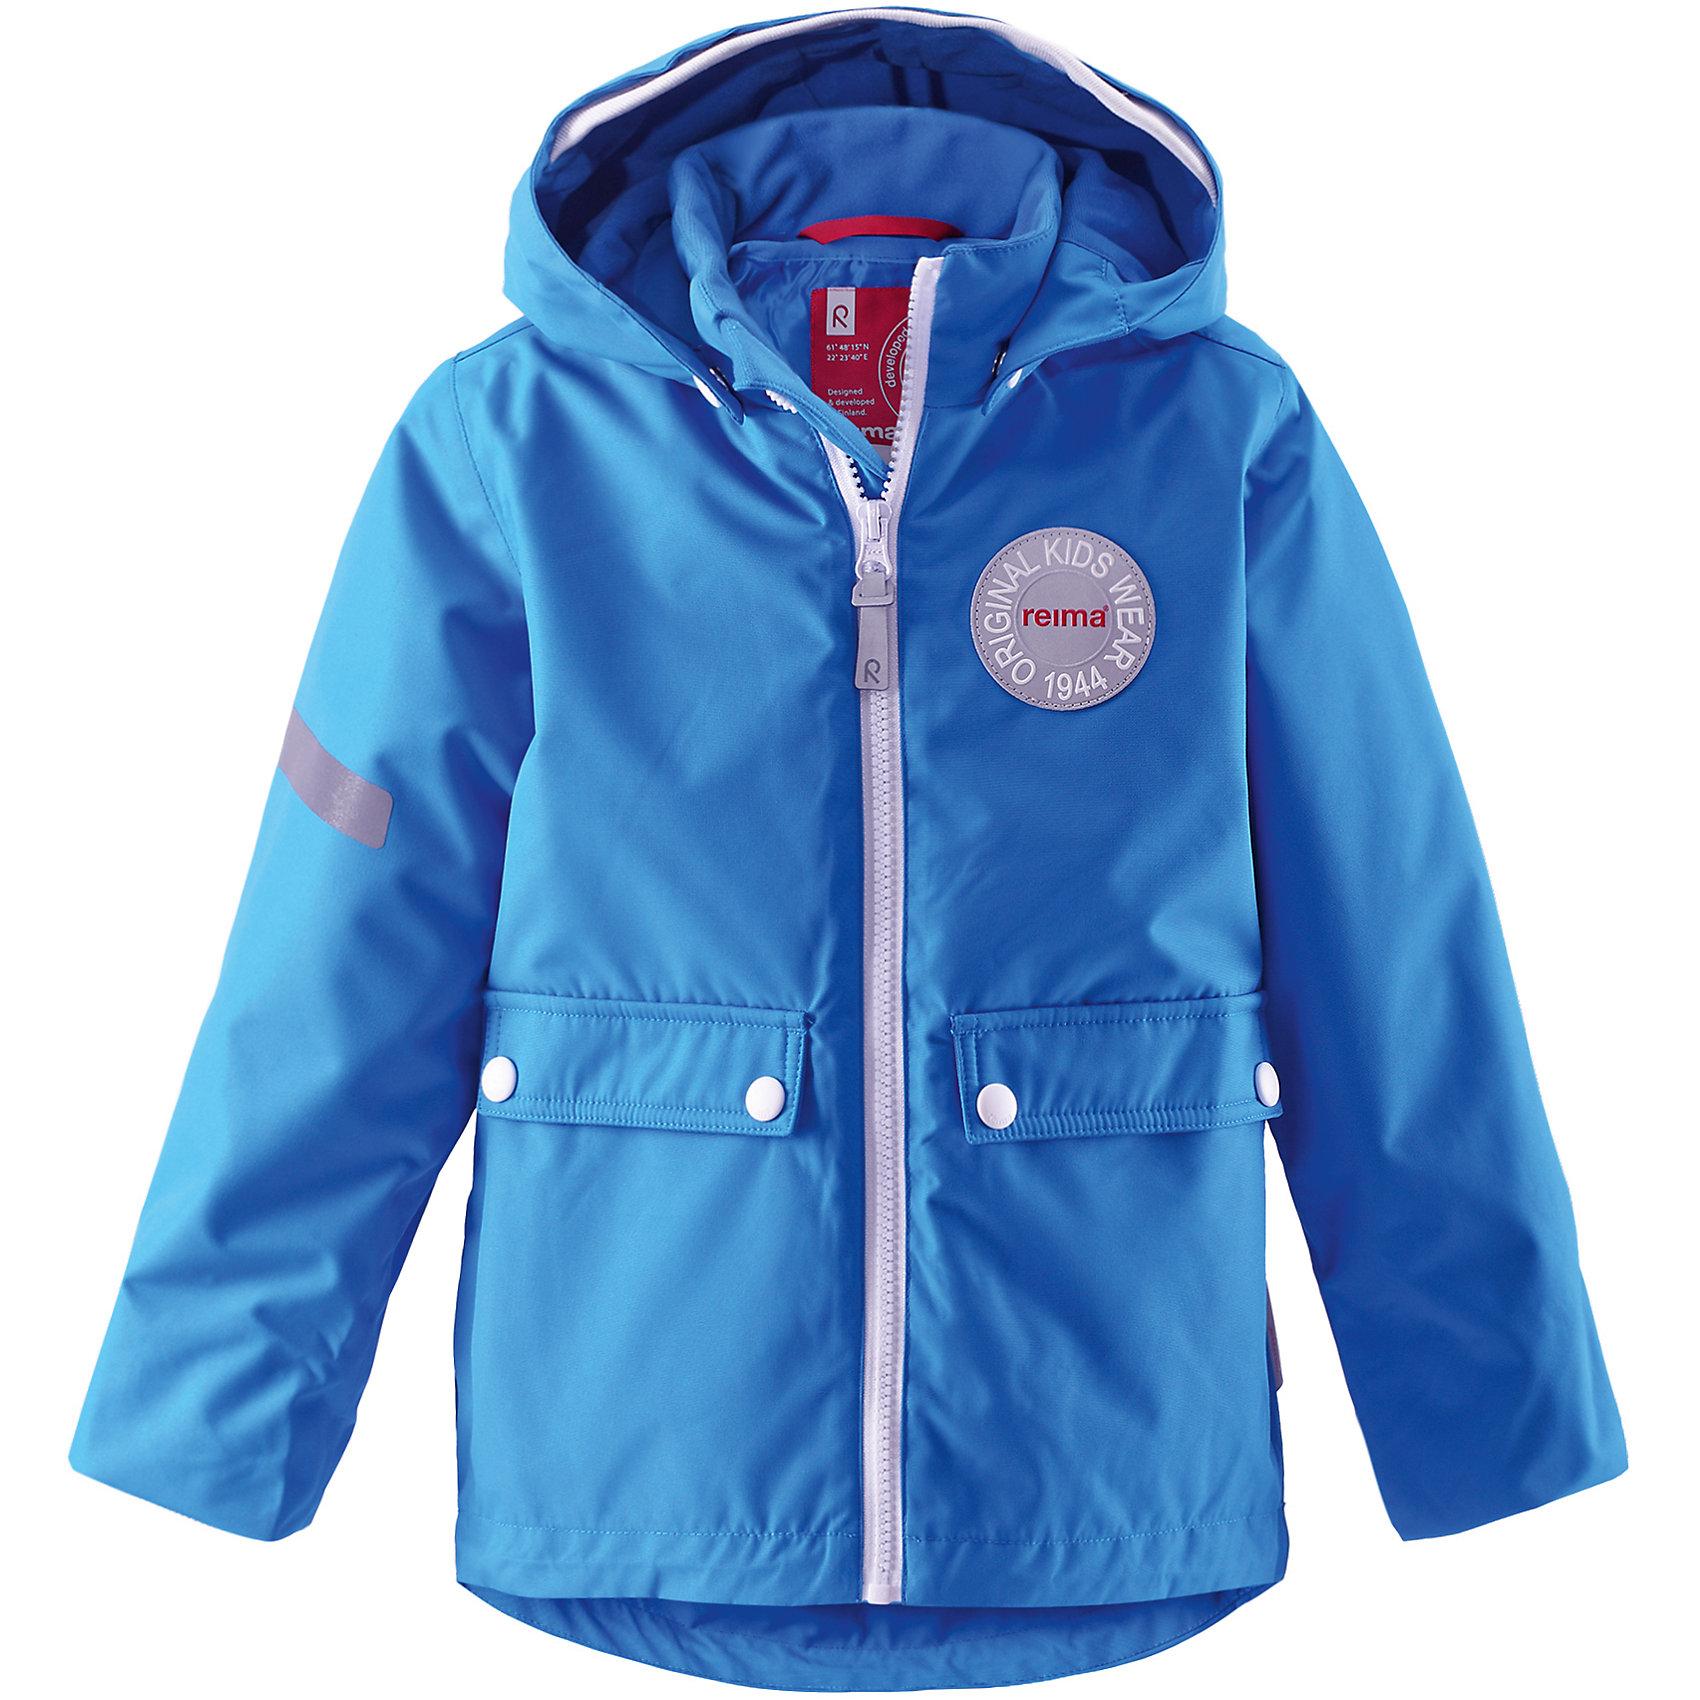 Куртка Taag ReimaВерхняя одежда<br>Зимняя куртка для детей. Основные швы проклеены и не пропускают влагу. Водо- и ветронепроницаемый, «дышащий» и грязеотталкивающий материал. Съемная стеганная подкладка. Безопасный, съемный капюшон.Мягкая резинка на кромке капюшона и манжетах .Регулируемый подол Два кармана с клапанами .<br>Состав:<br>100% ПЭ, ПУ-покрытие<br><br>Ширина мм: 356<br>Глубина мм: 10<br>Высота мм: 245<br>Вес г: 519<br>Цвет: синий<br>Возраст от месяцев: 60<br>Возраст до месяцев: 72<br>Пол: Унисекс<br>Возраст: Детский<br>Размер: 116,140,98,104,110,128<br>SKU: 5309220